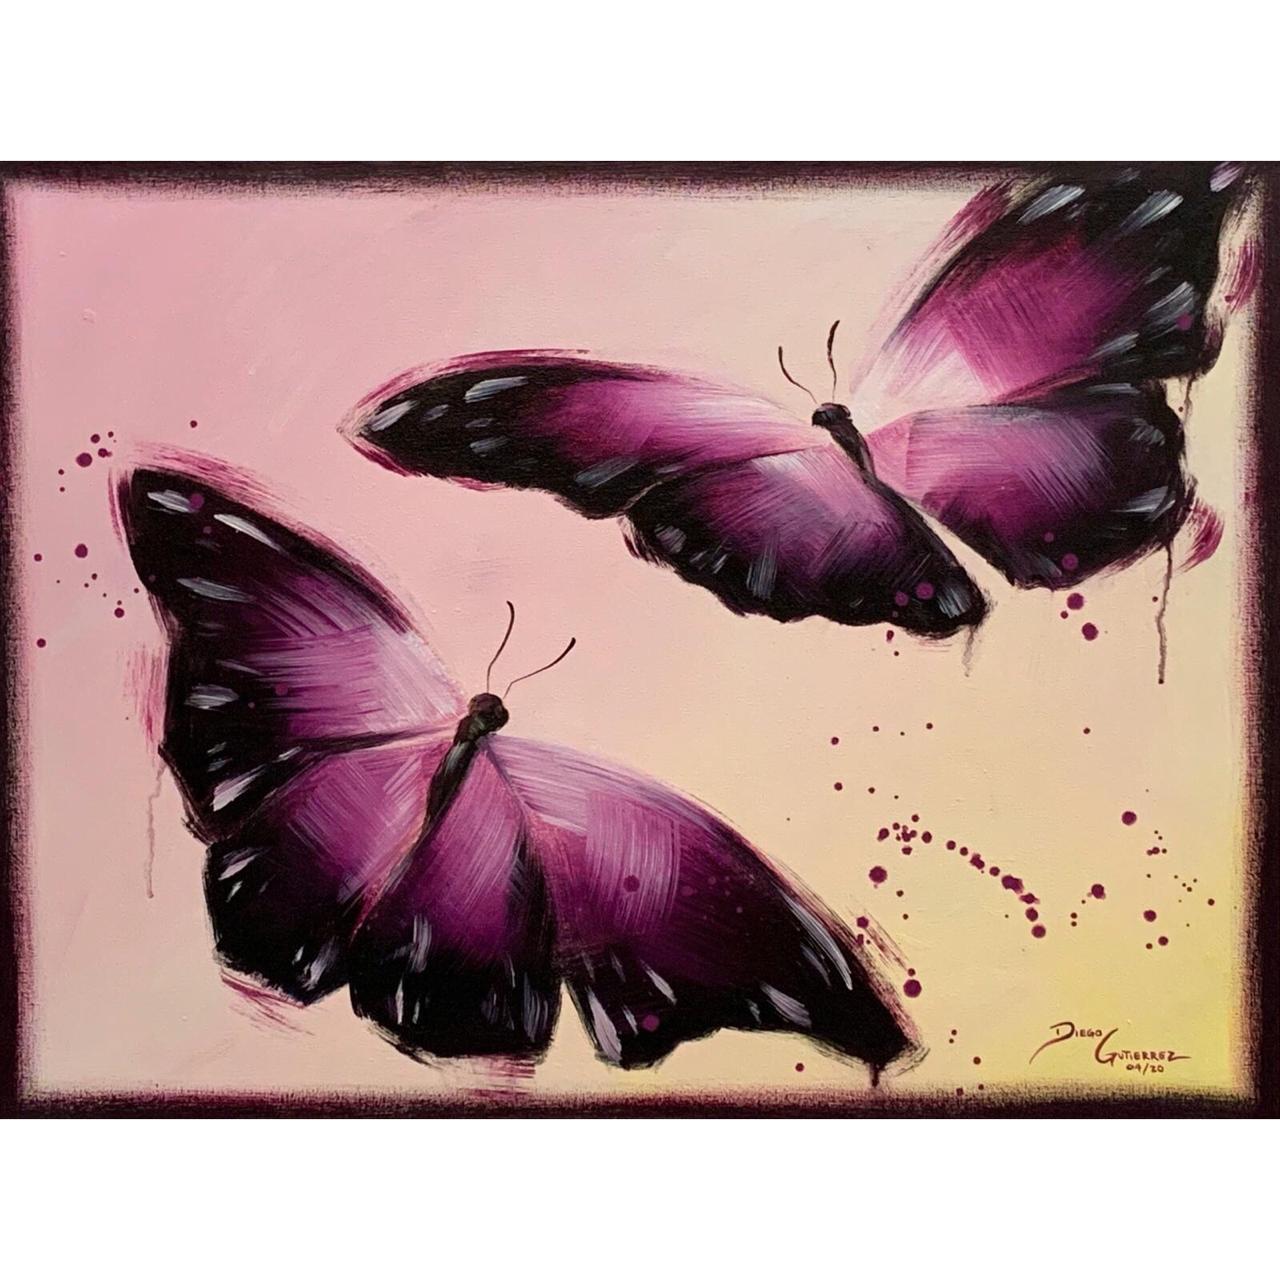 diego-gutierrez-gallery-animals-butterflies-06